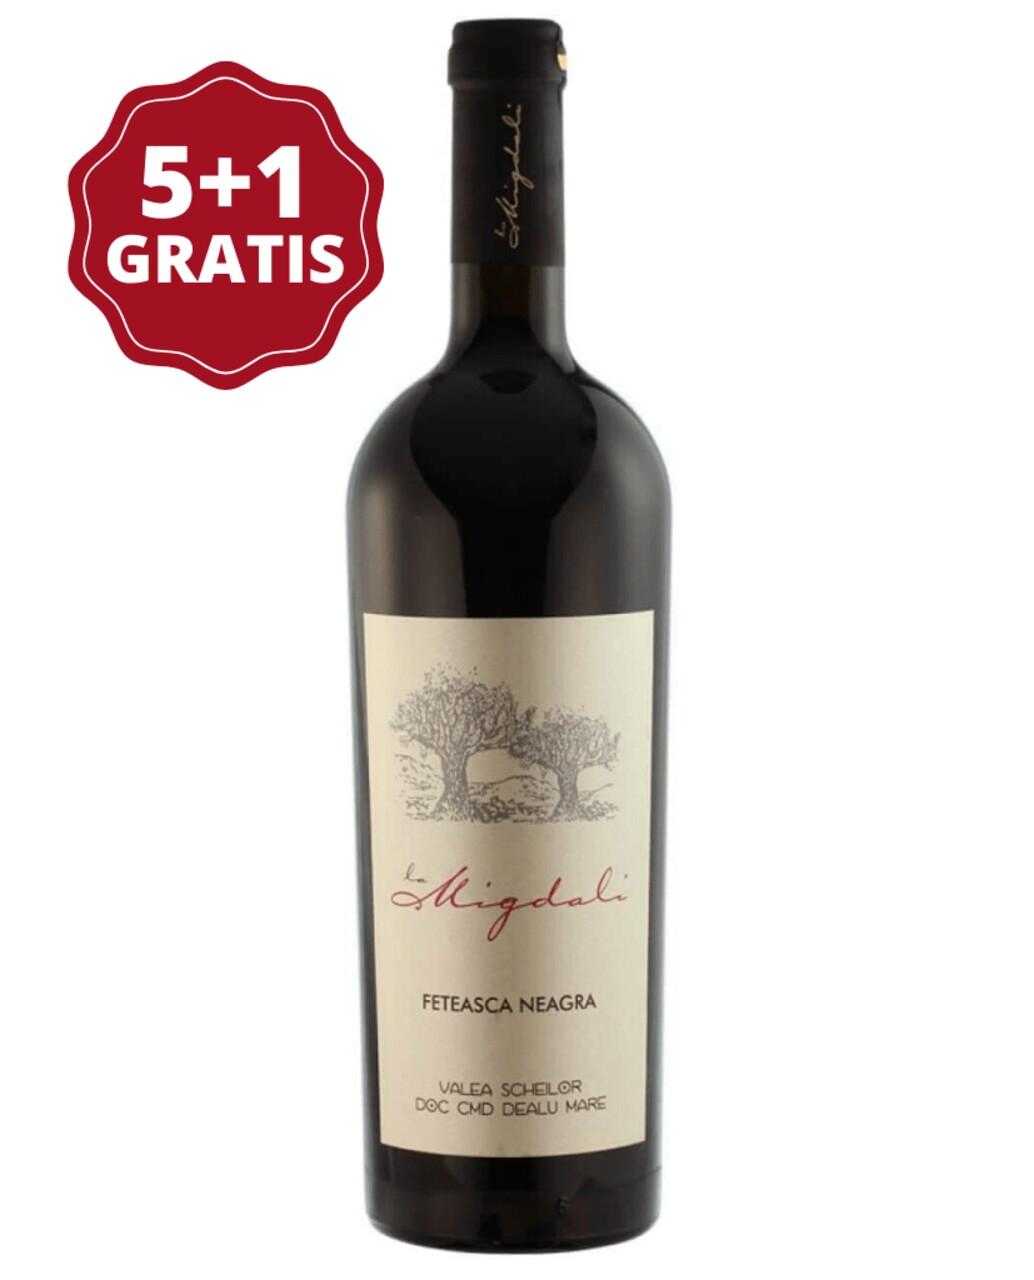 La Migdali Feteasca Neagra 5+1